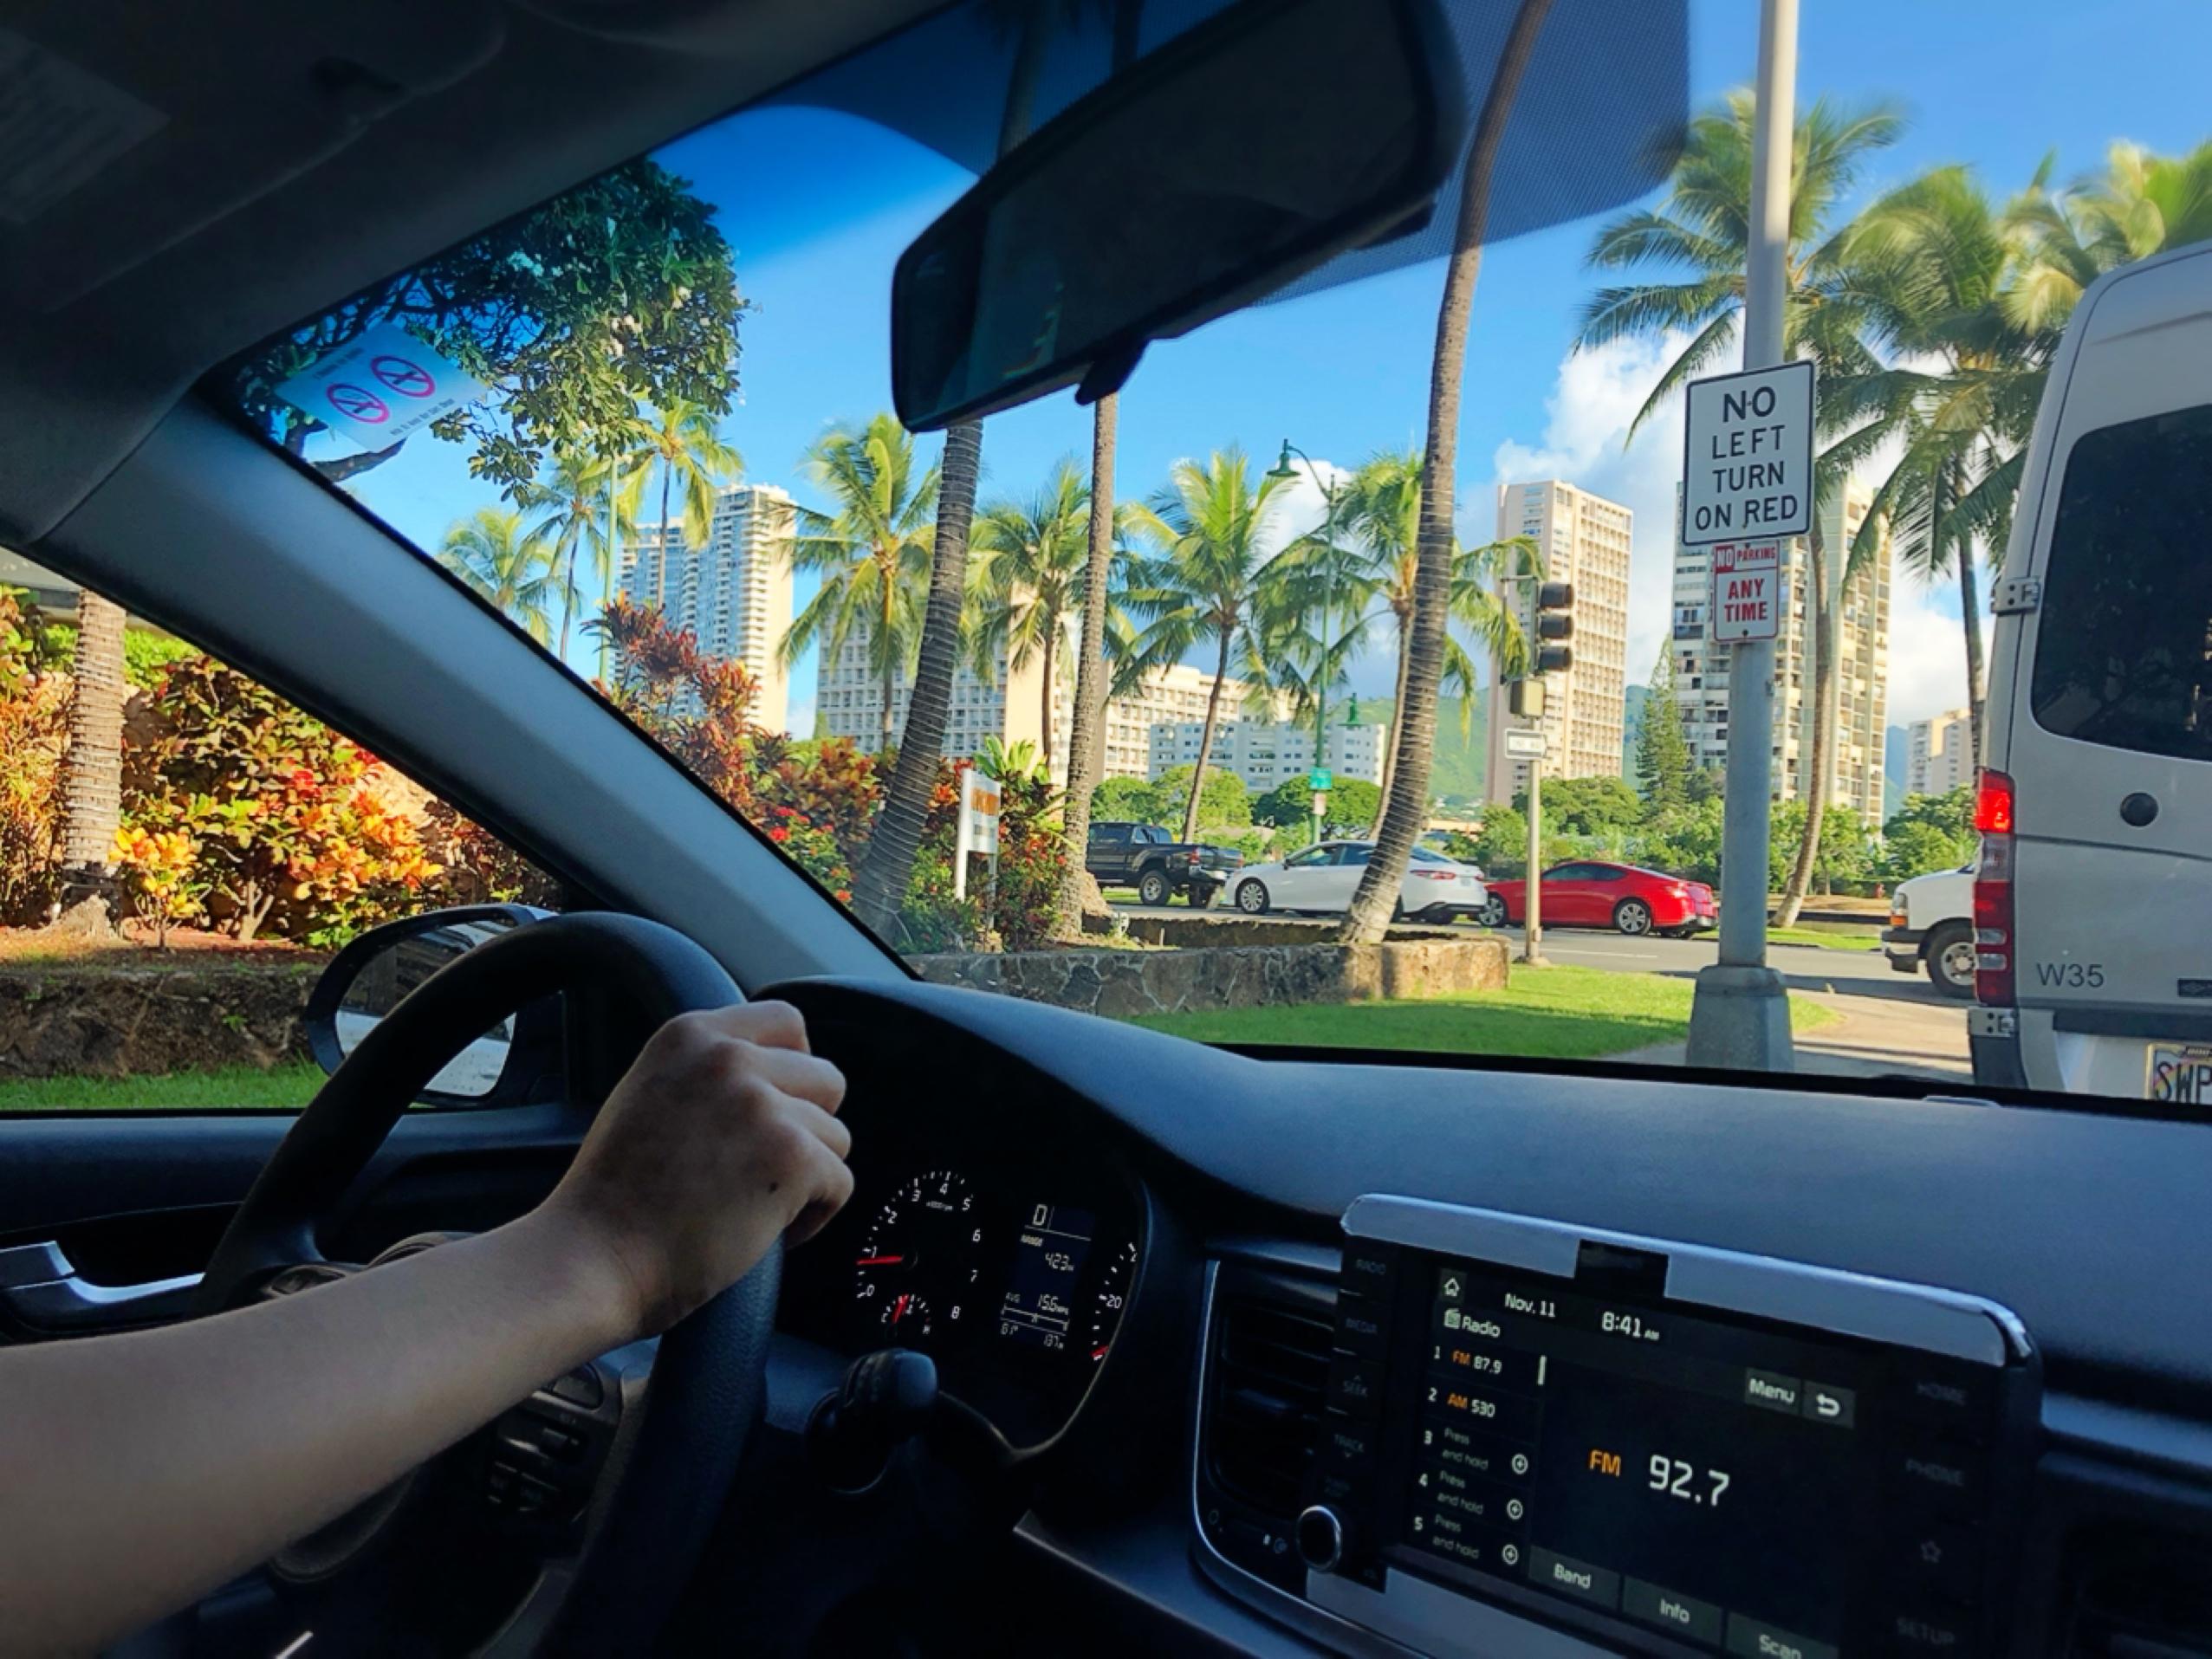 【#HAWAII】#1 写真で一緒に旅行気分を味わいませんか(๑>◡<๑)?旅行自粛解禁したらもう一度行きたいcafeをシェアします♩_8